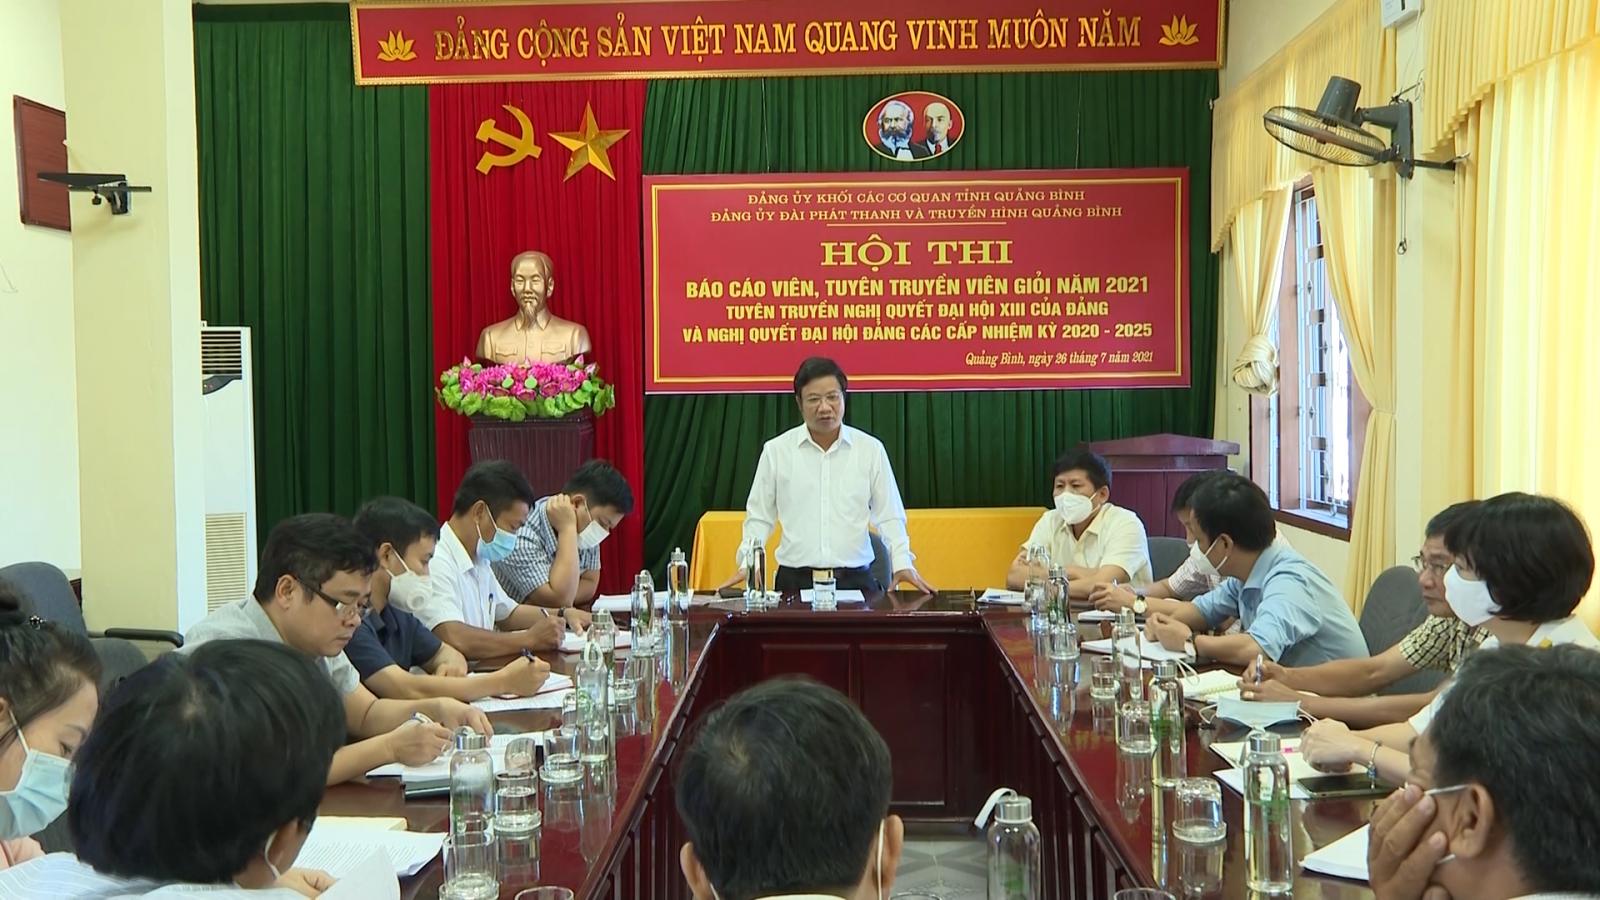 Đồng chí Trưởng Ban Tuyên giáo Tỉnh ủy làm việc với Đài PT-TH Quảng Bình